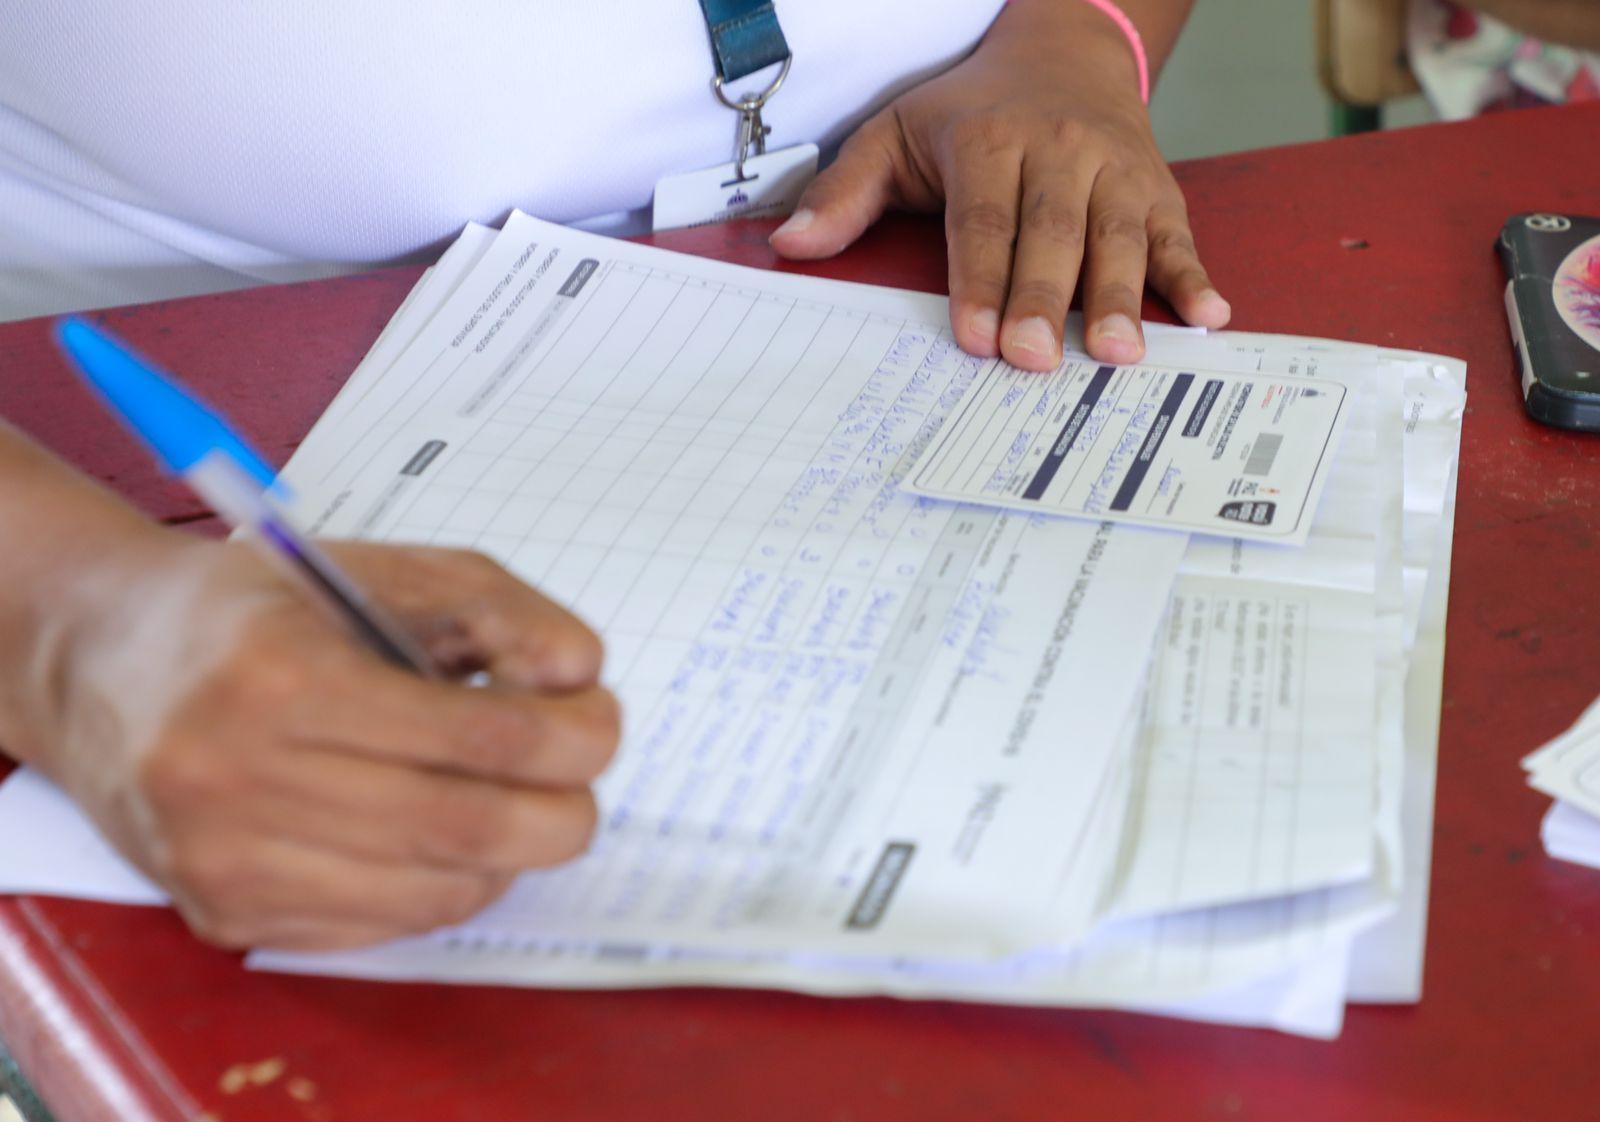 Edesur y MINERD se unen a jornada de vacunación contra Covid-19 en provincias